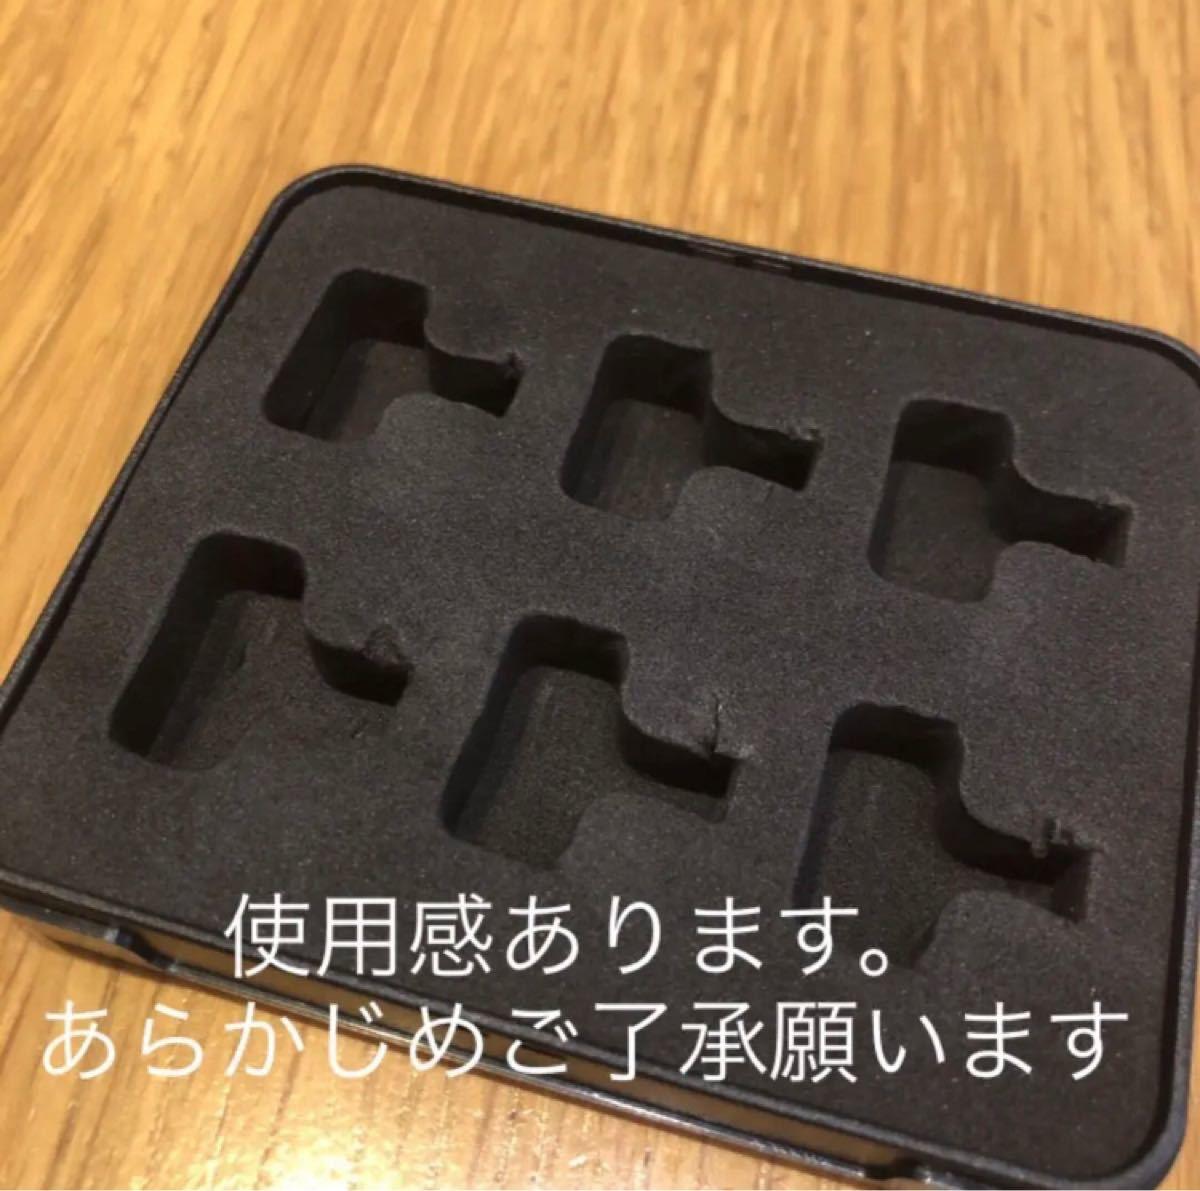 DJI Mavic Mini★MCUV マルチコート紫外線カットフィルタ